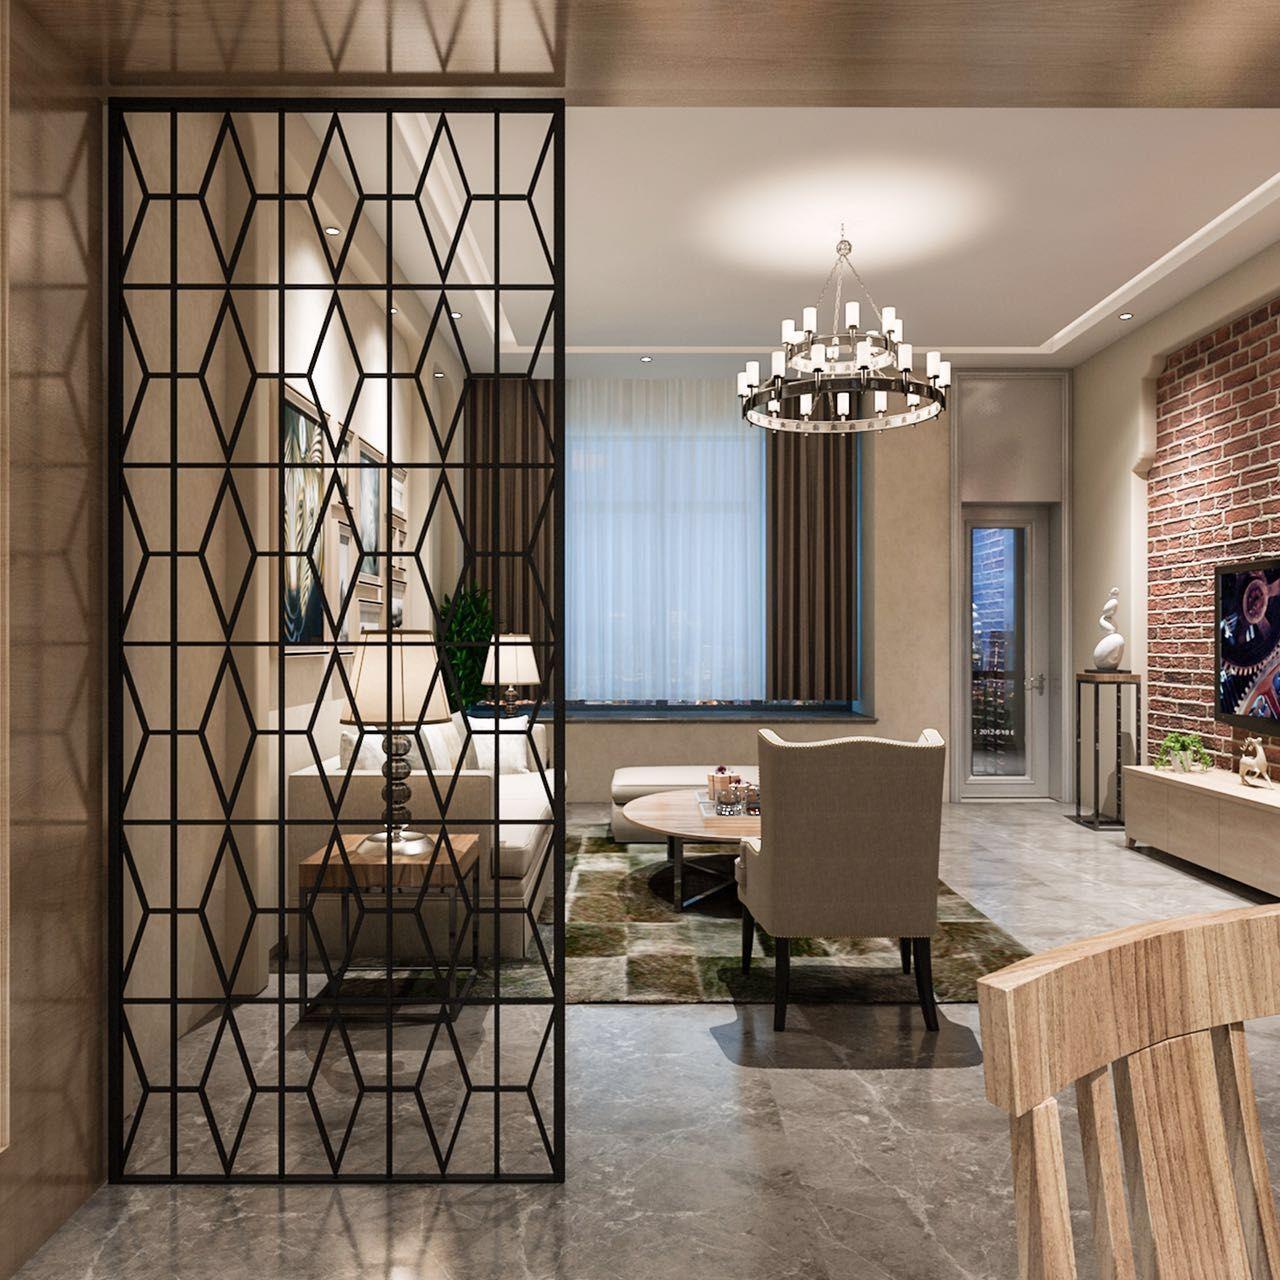 Mỹ rèn sắt màn hình phòng khách kim cương mạng lưới thời trang sáng tạo cửa sổ đơn giản rỗng ra giày hiên phân vùng